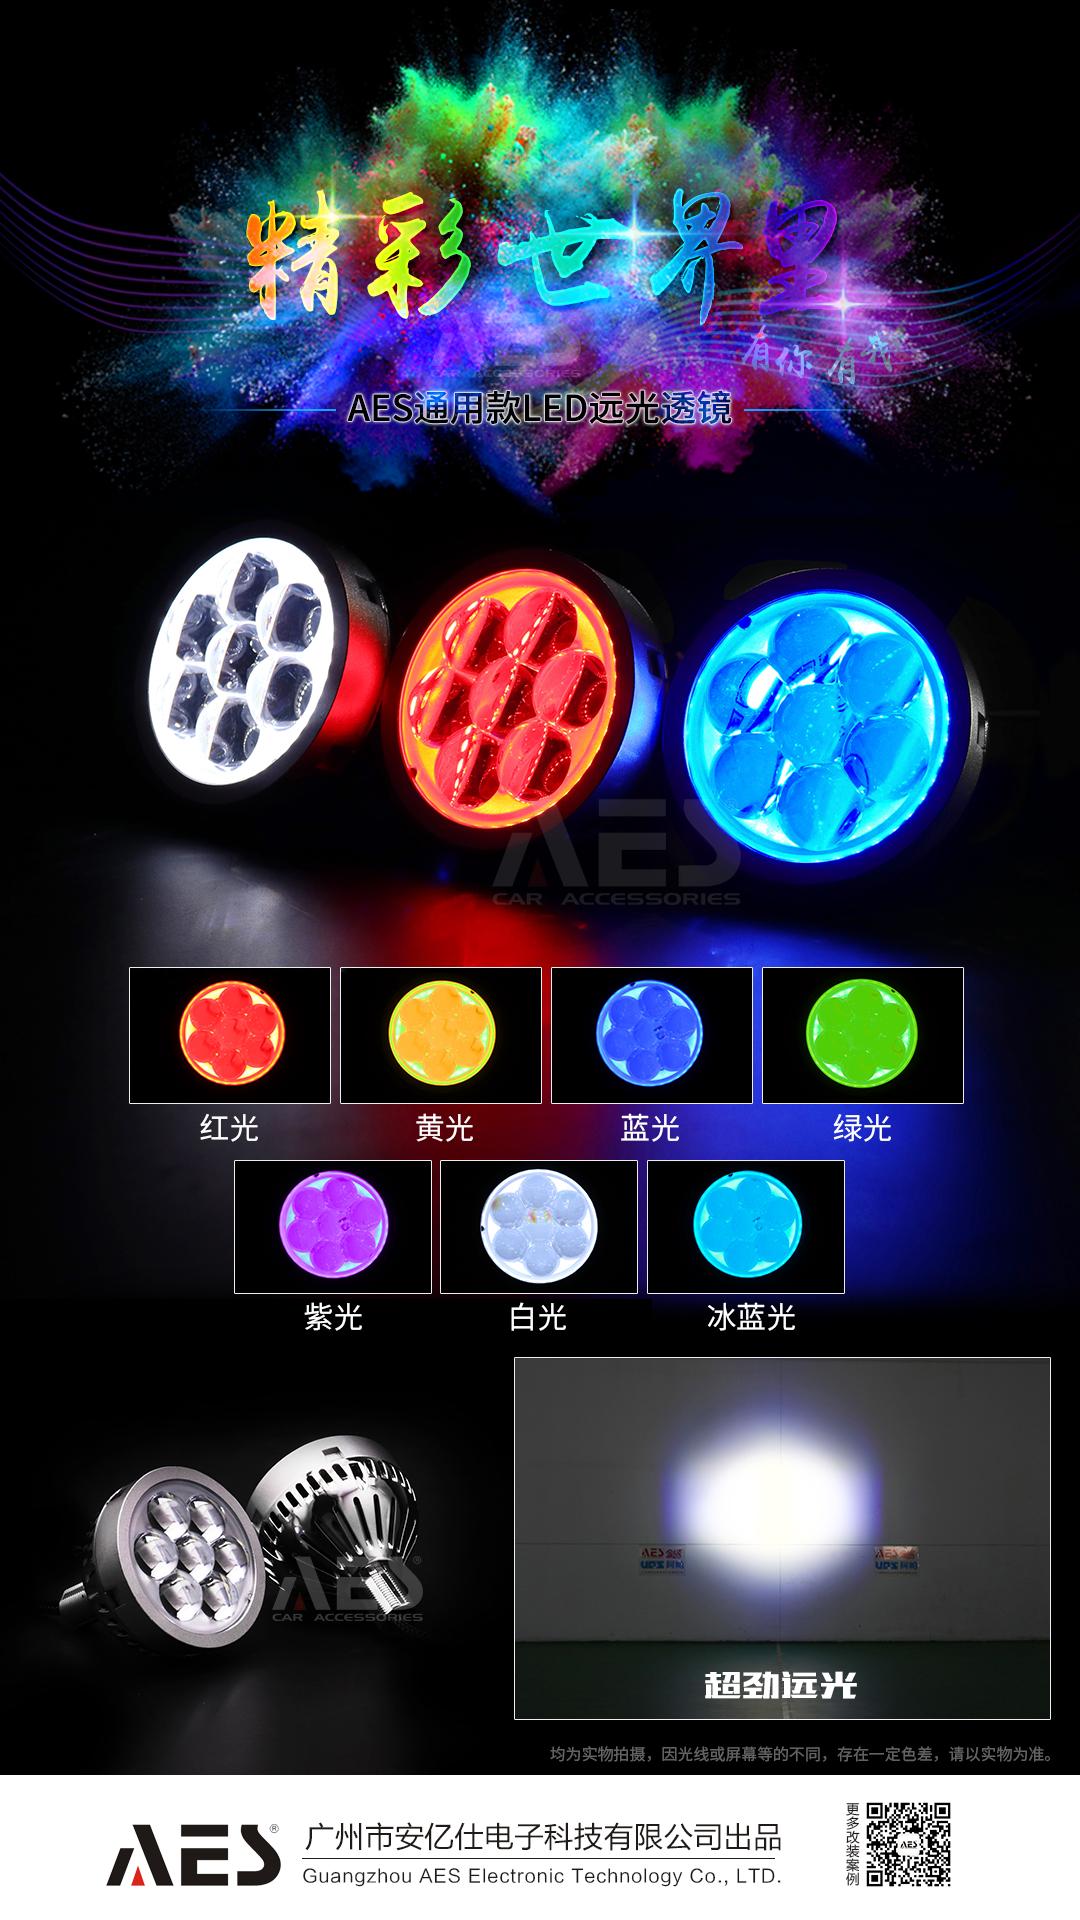 AES通用LED远光灯-多色彩.jpg